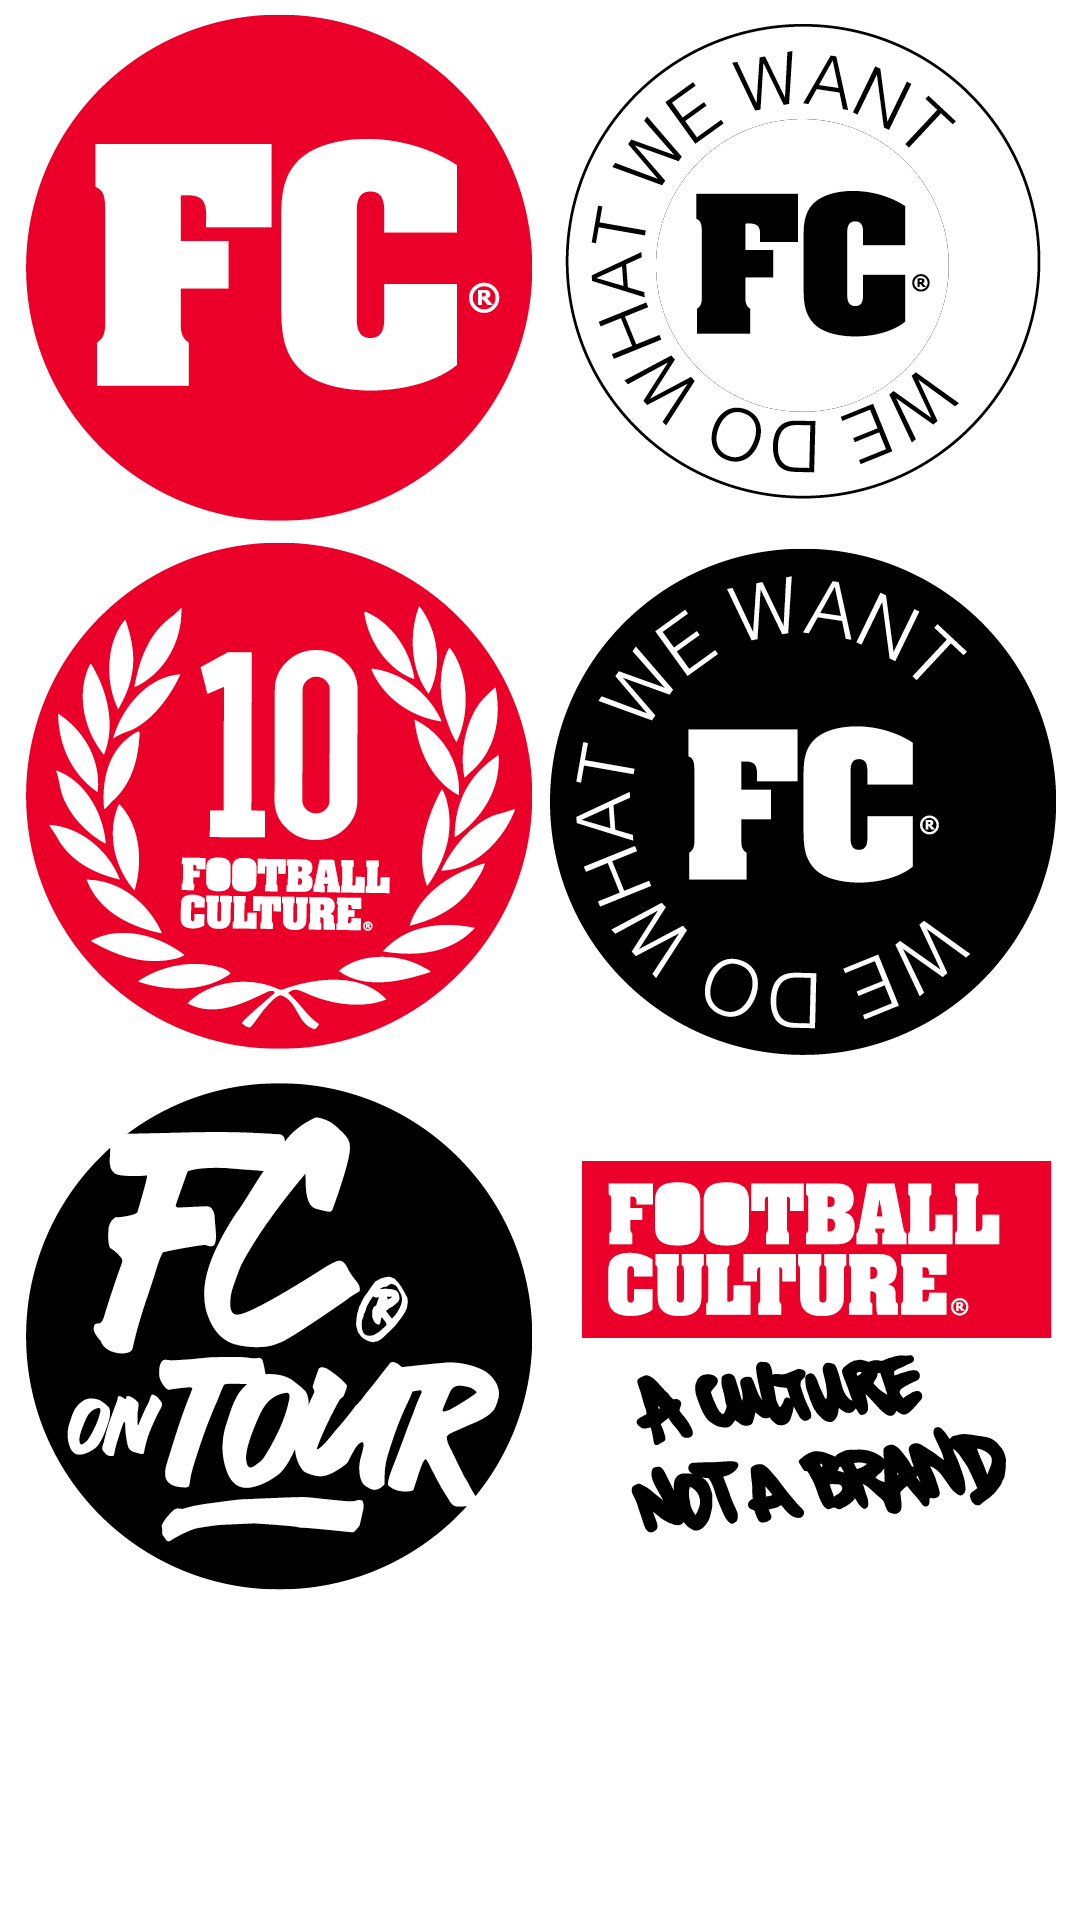 footballculture-logos